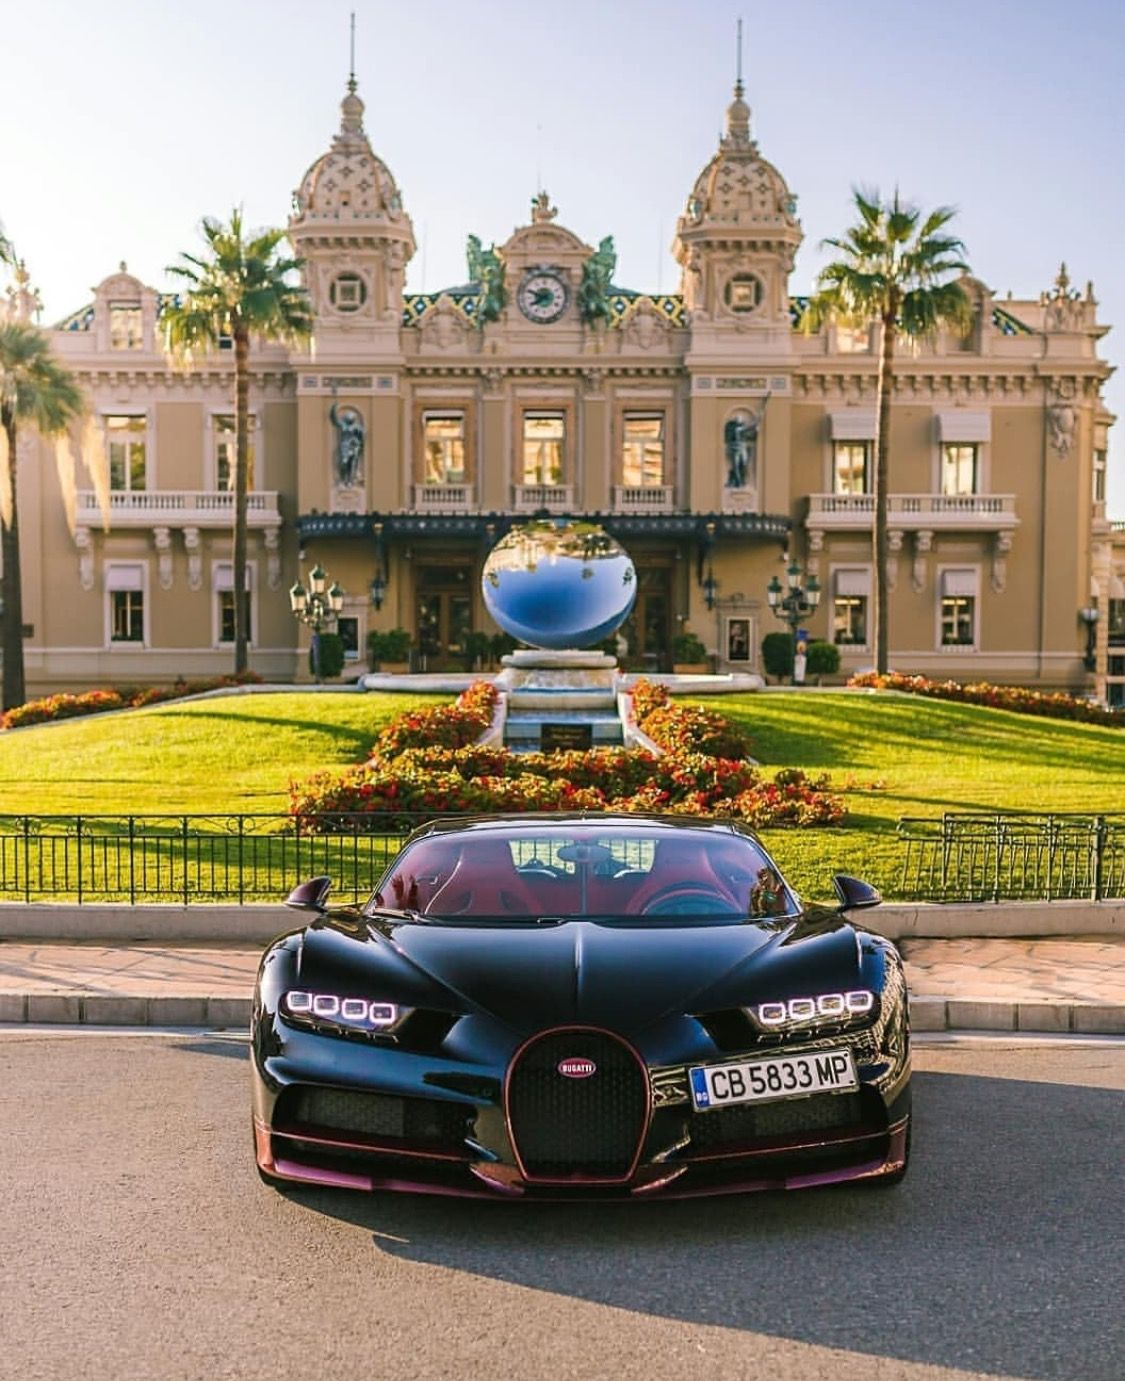 Lamborghini Urus Car Luxury Cars Top Cars